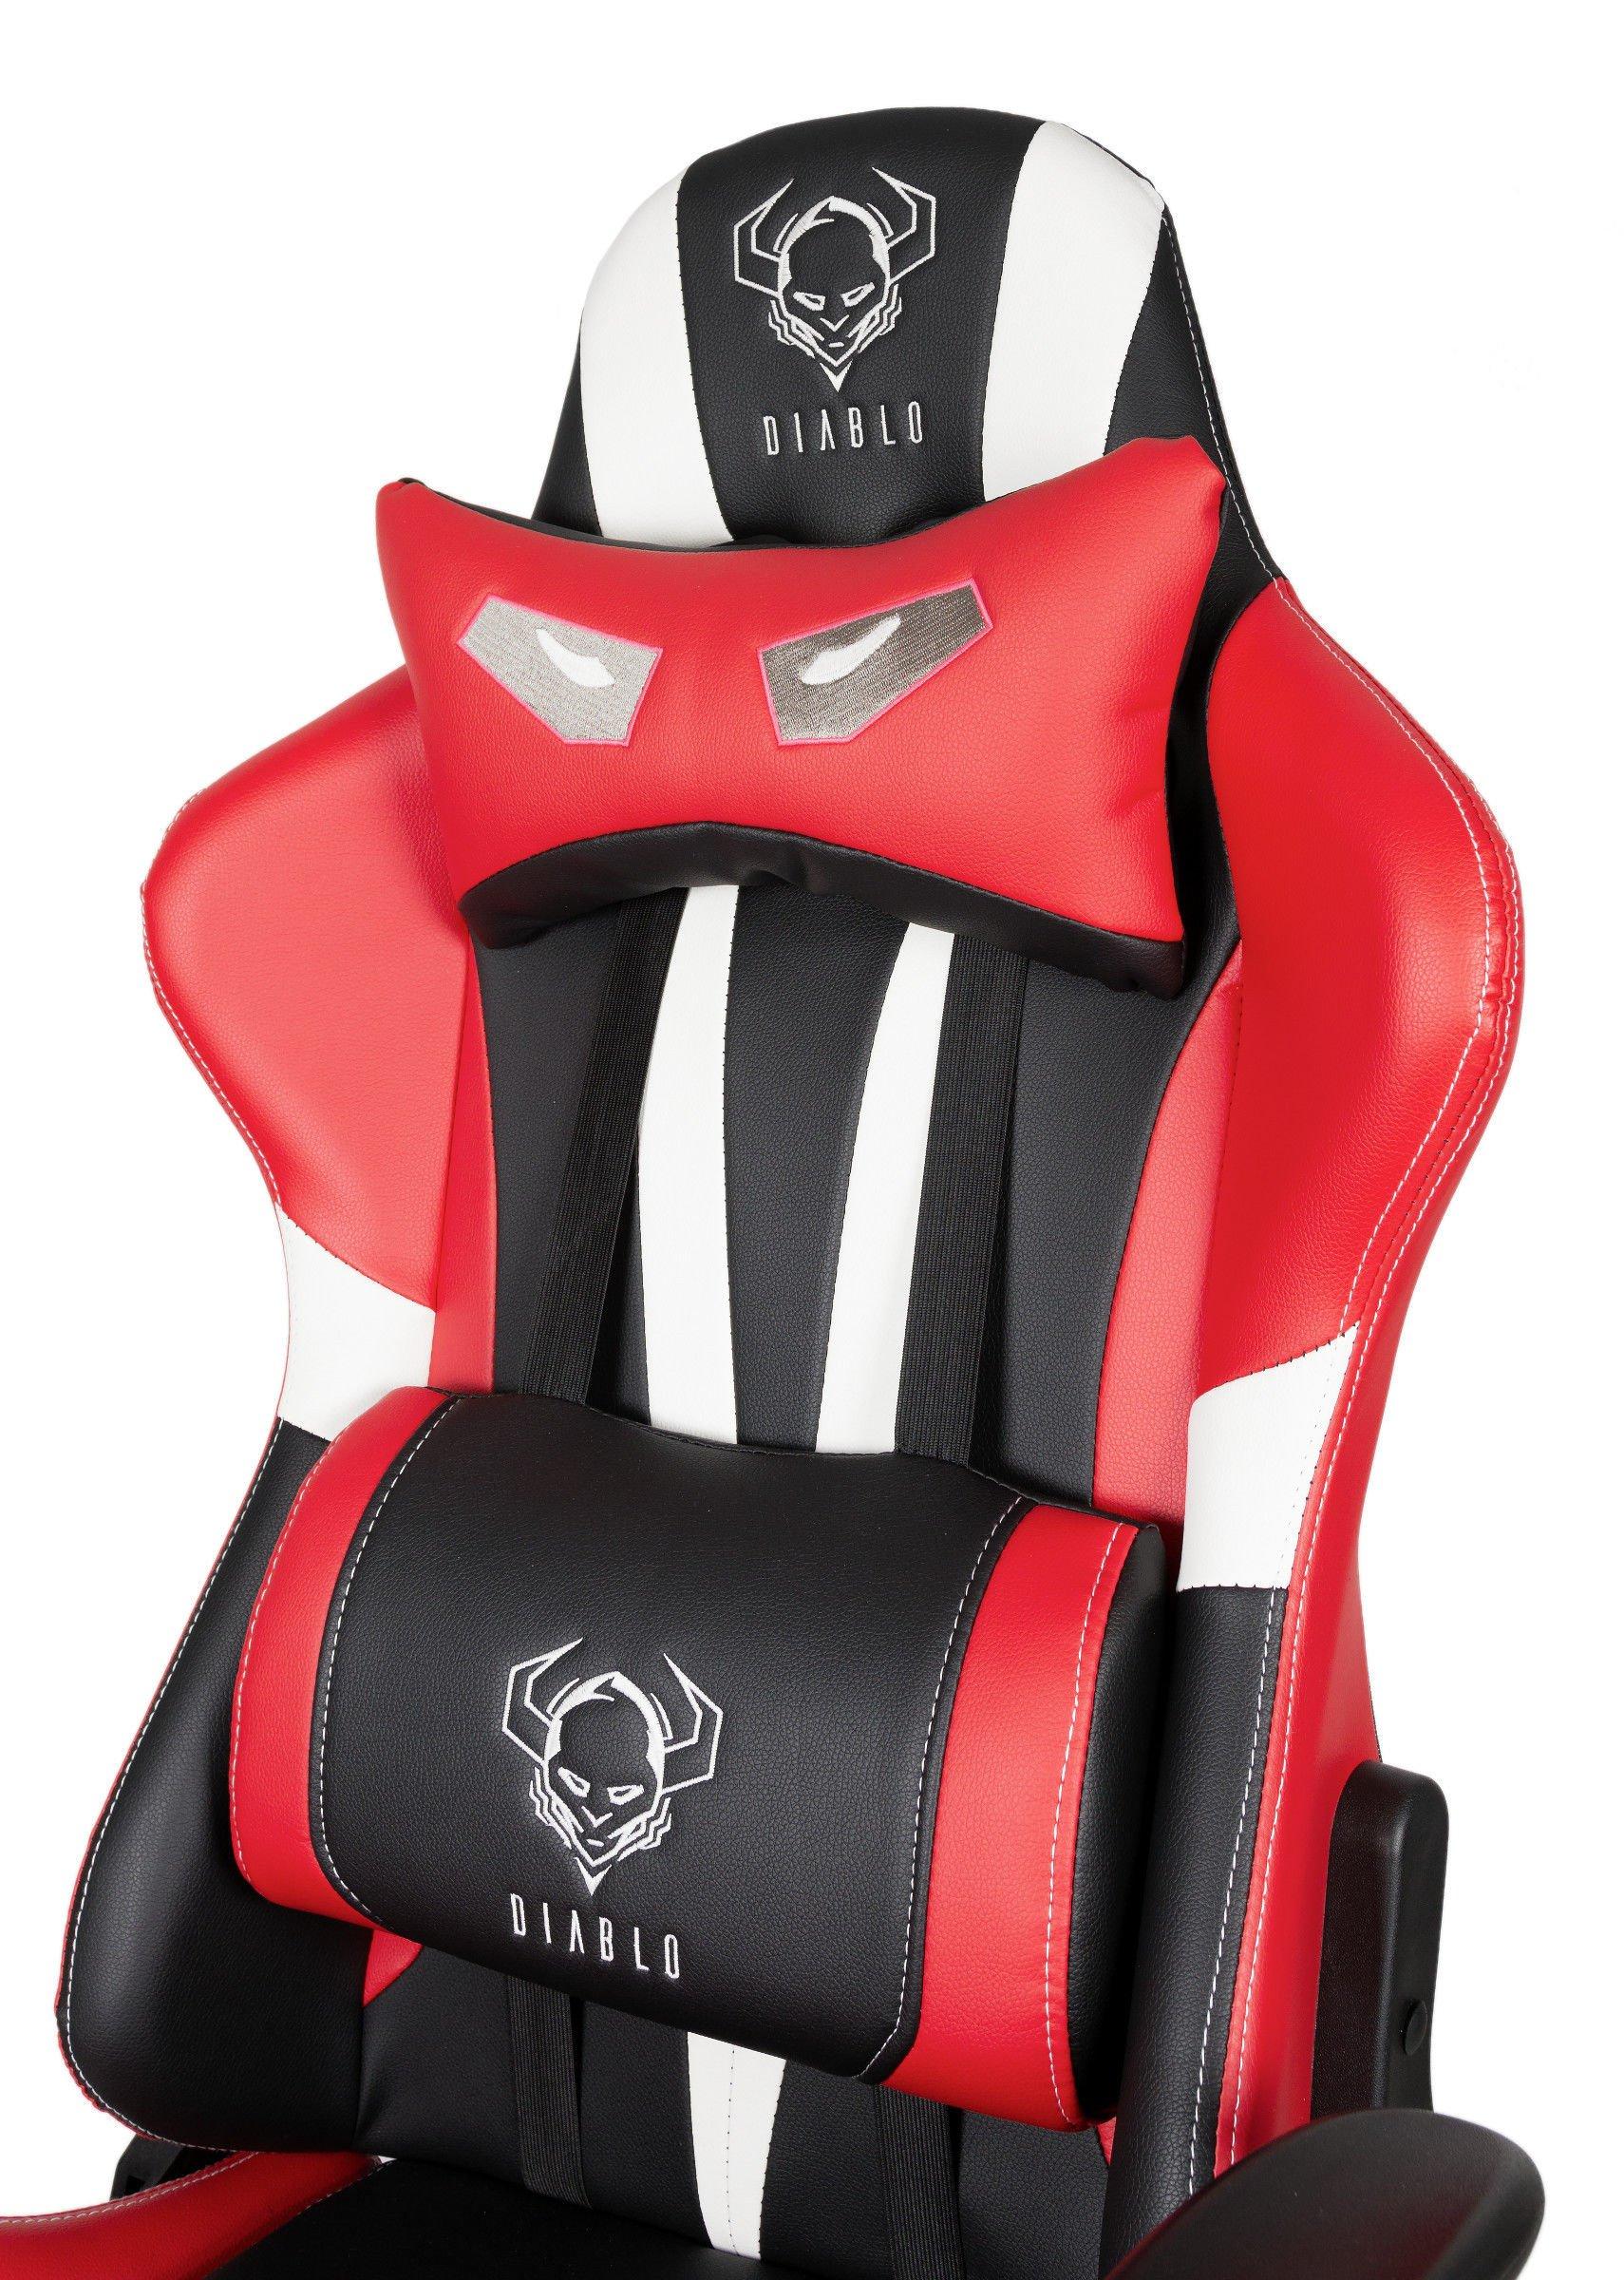 Diablo X Eye Schwarz und Rot Gaming Sessel Rot Schwarz